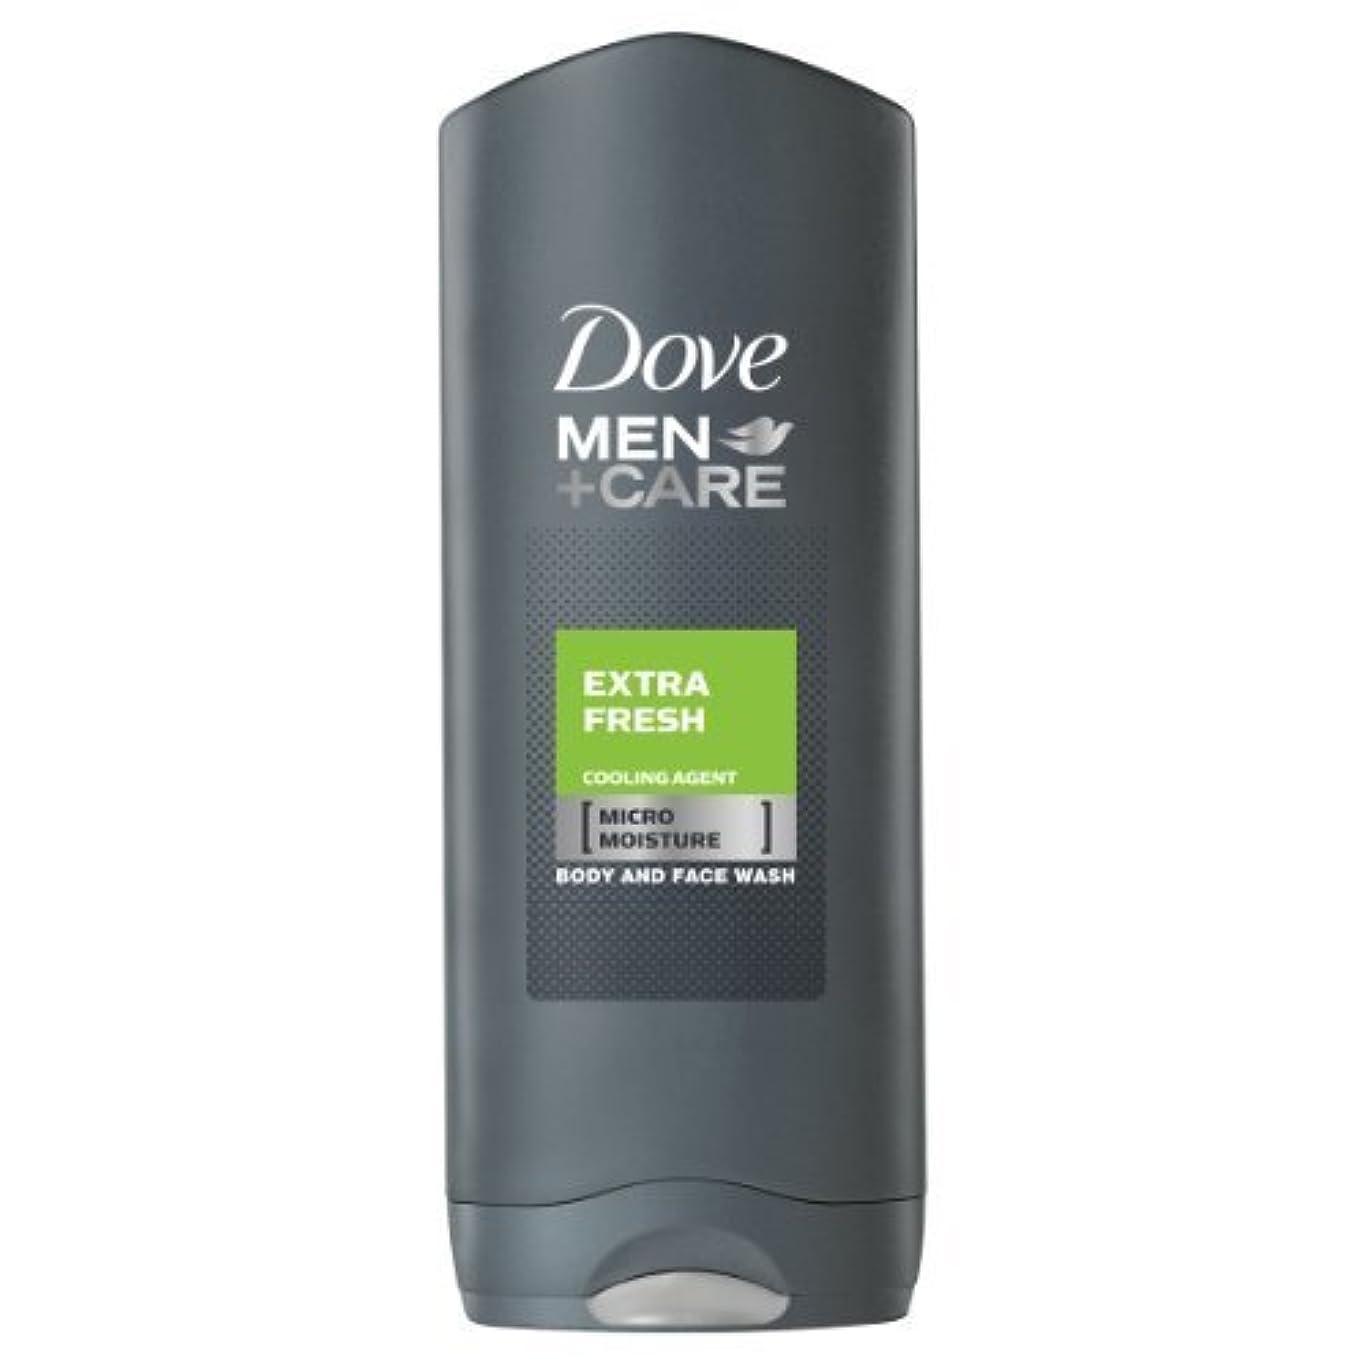 近似リラックス周りDove for Men Extra Fresh Body and Face Wash 250 ml by Dove [並行輸入品]